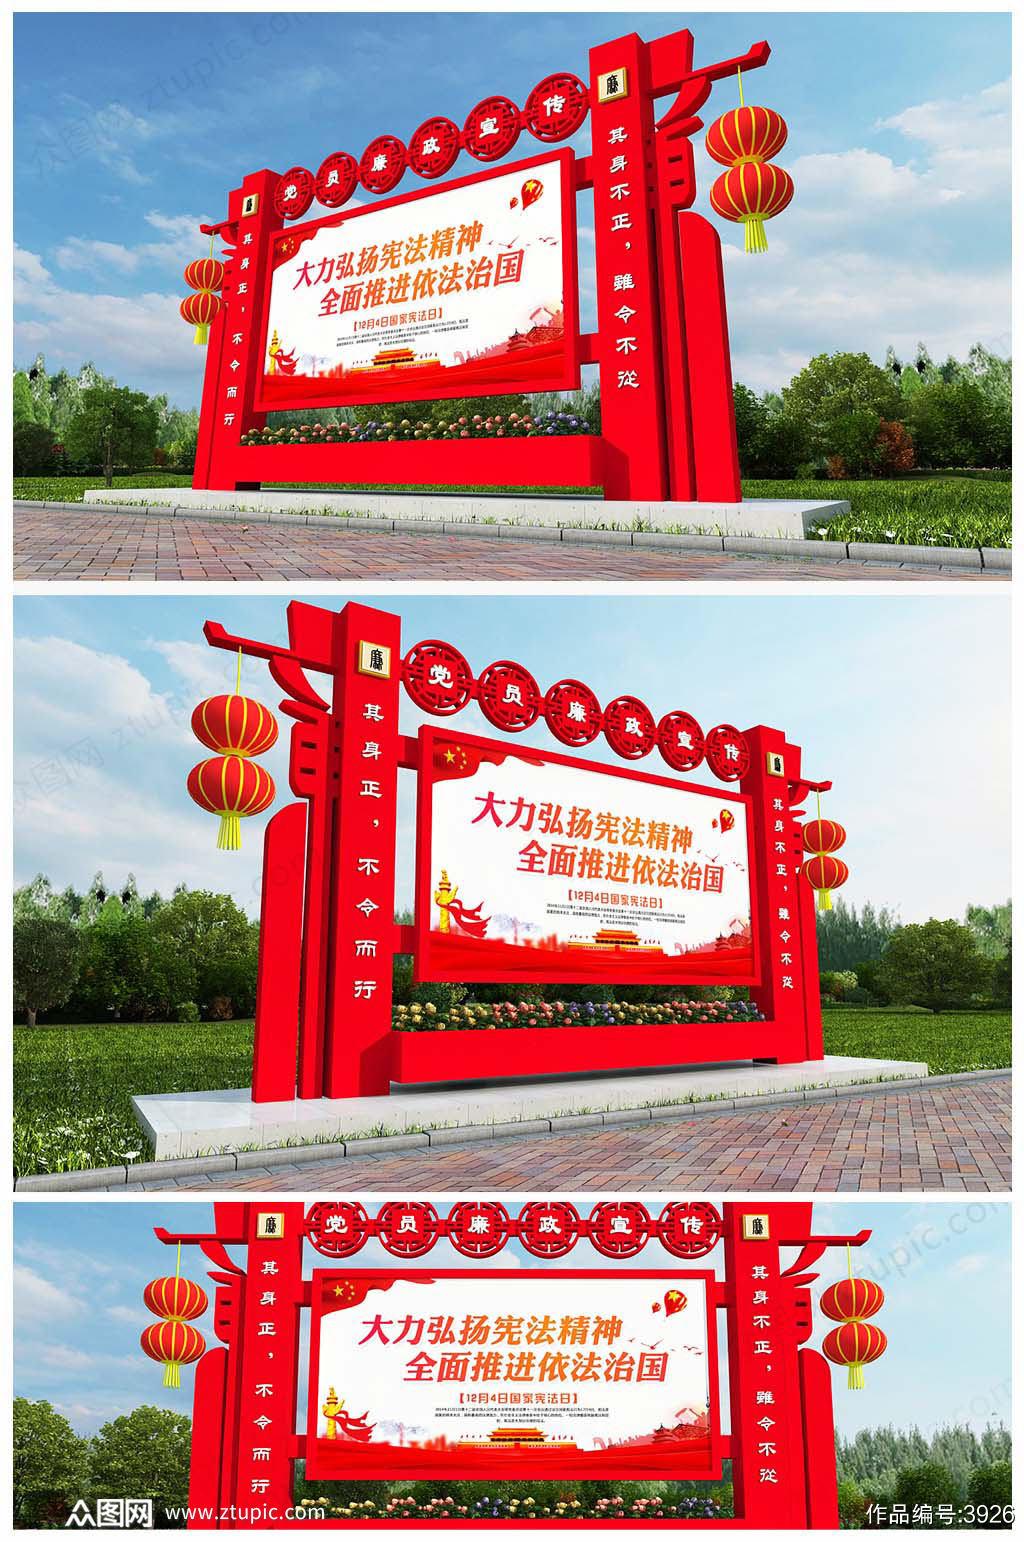 廉政党建文化户外宣传栏设计素材